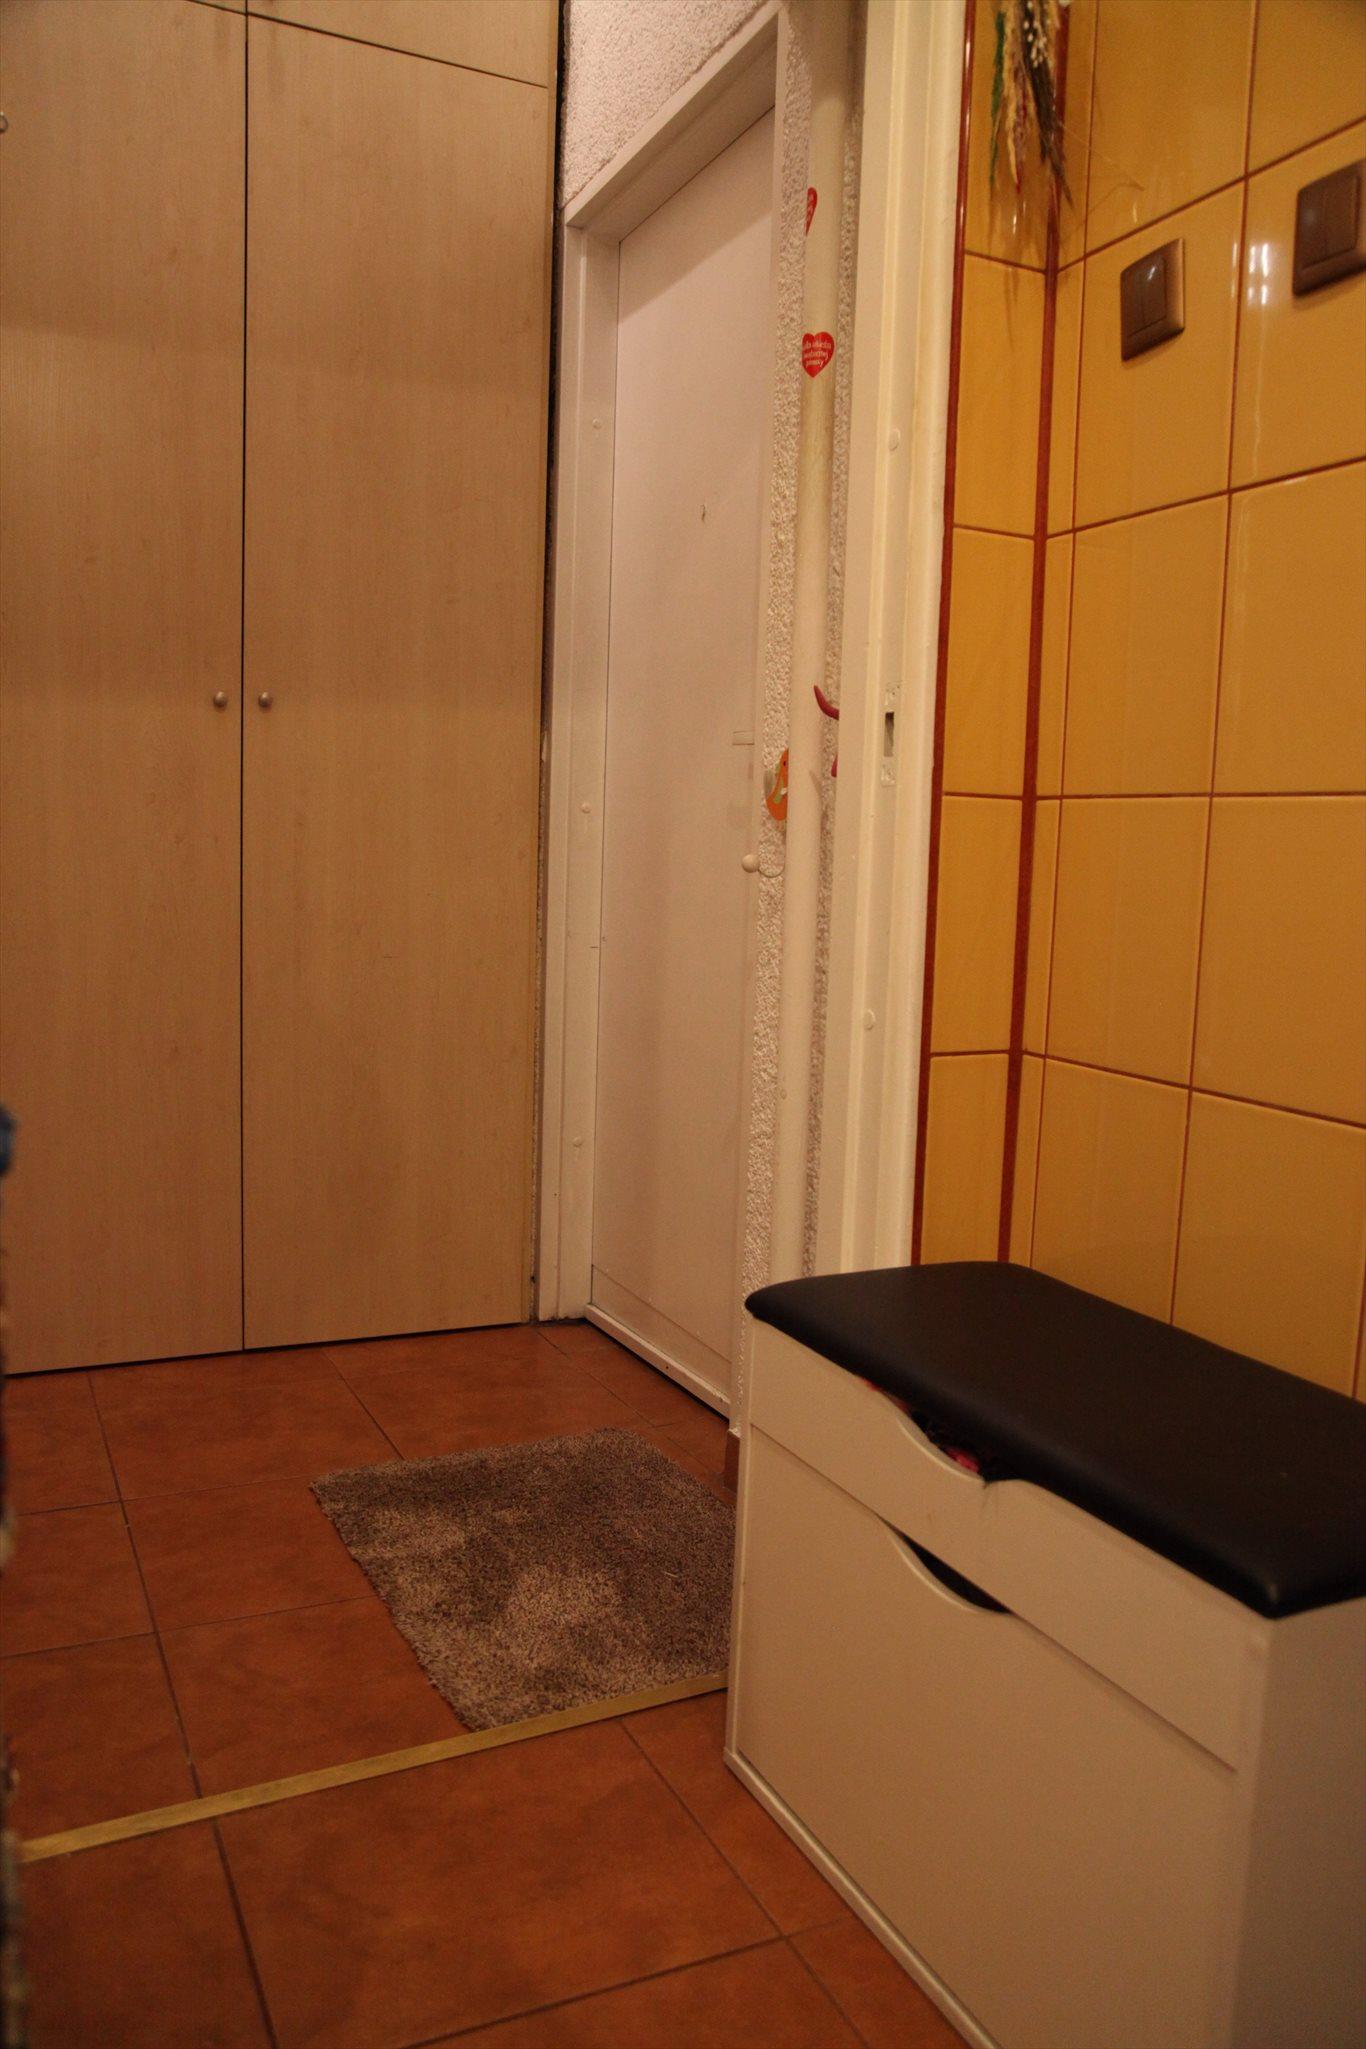 Mieszkanie dwupokojowe na sprzedaż Wrocław, Śródmieście, plac powstańców wielkopolskich 4/9  53m2 Foto 7